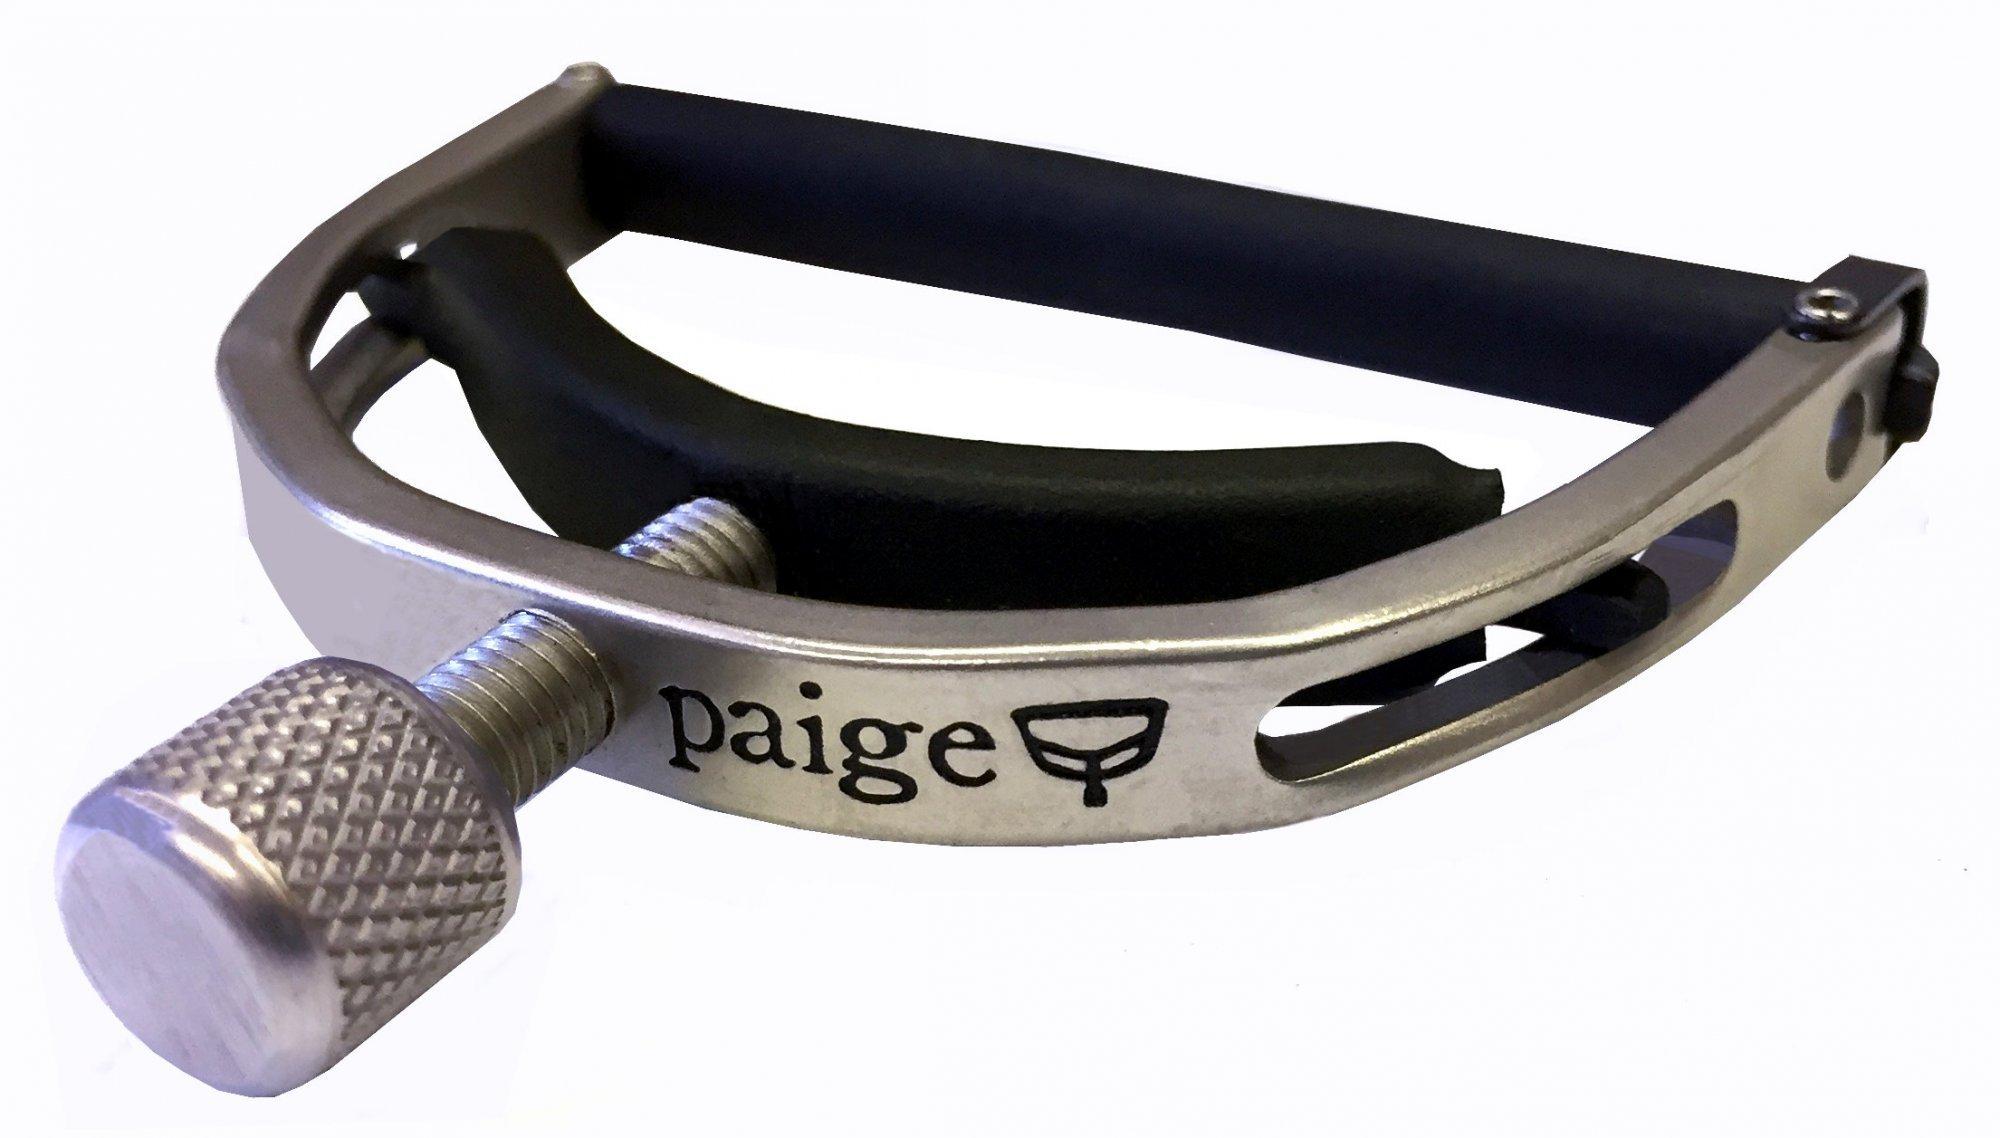 Paige Original Banjo/Mandolin Satin Nickel Finish (P-BN)